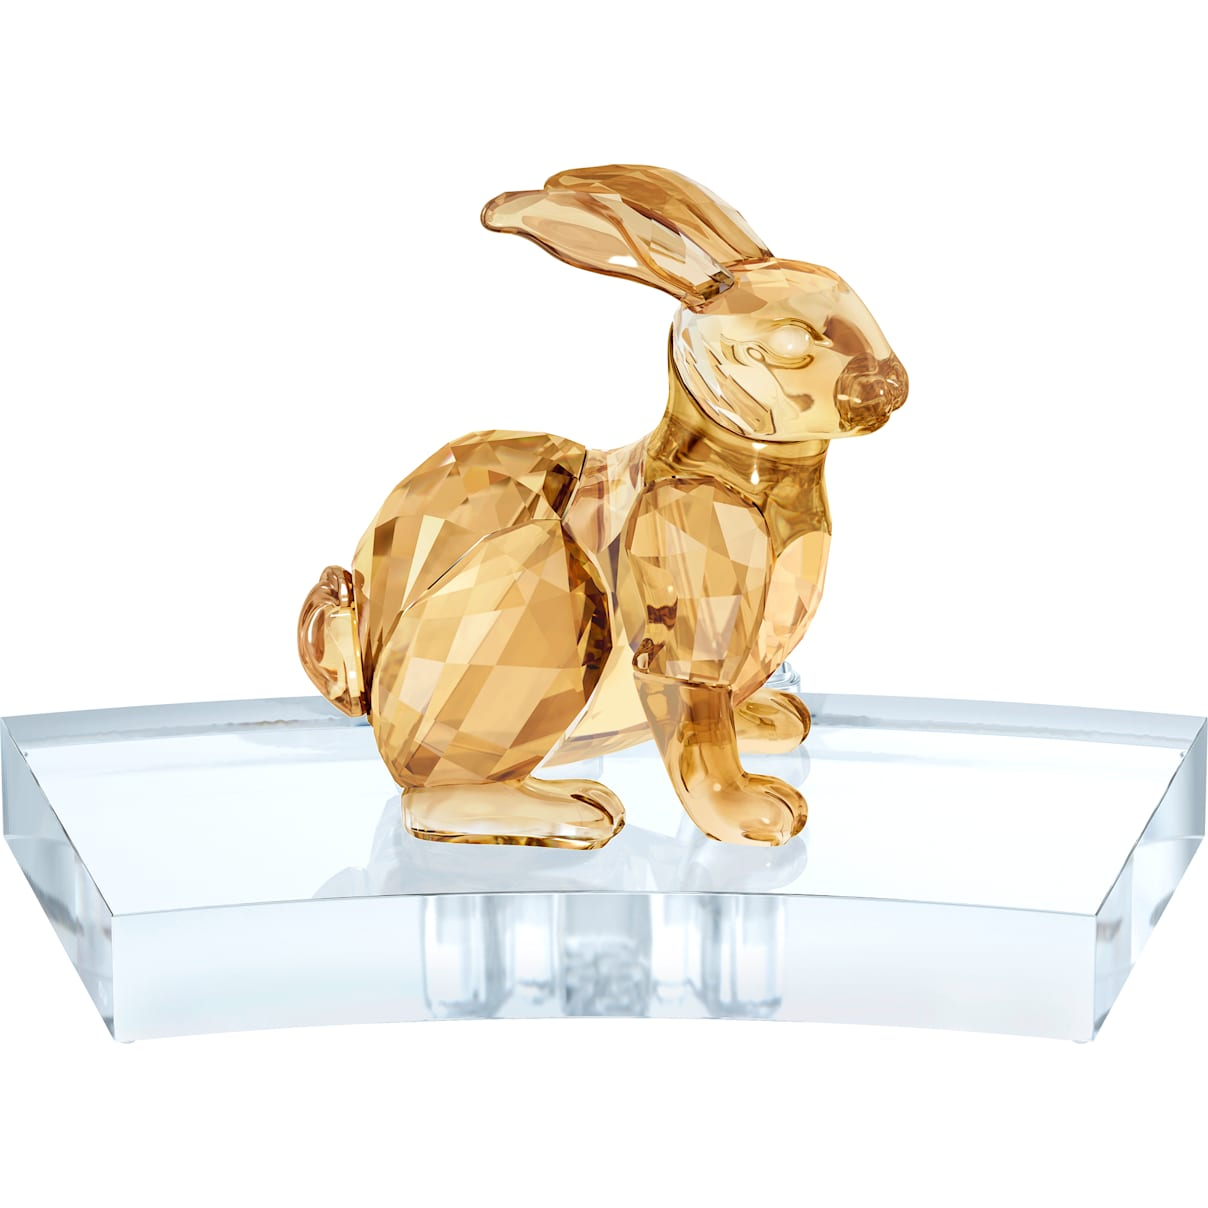 Swarovski Chinese Zodiac - Rabbit